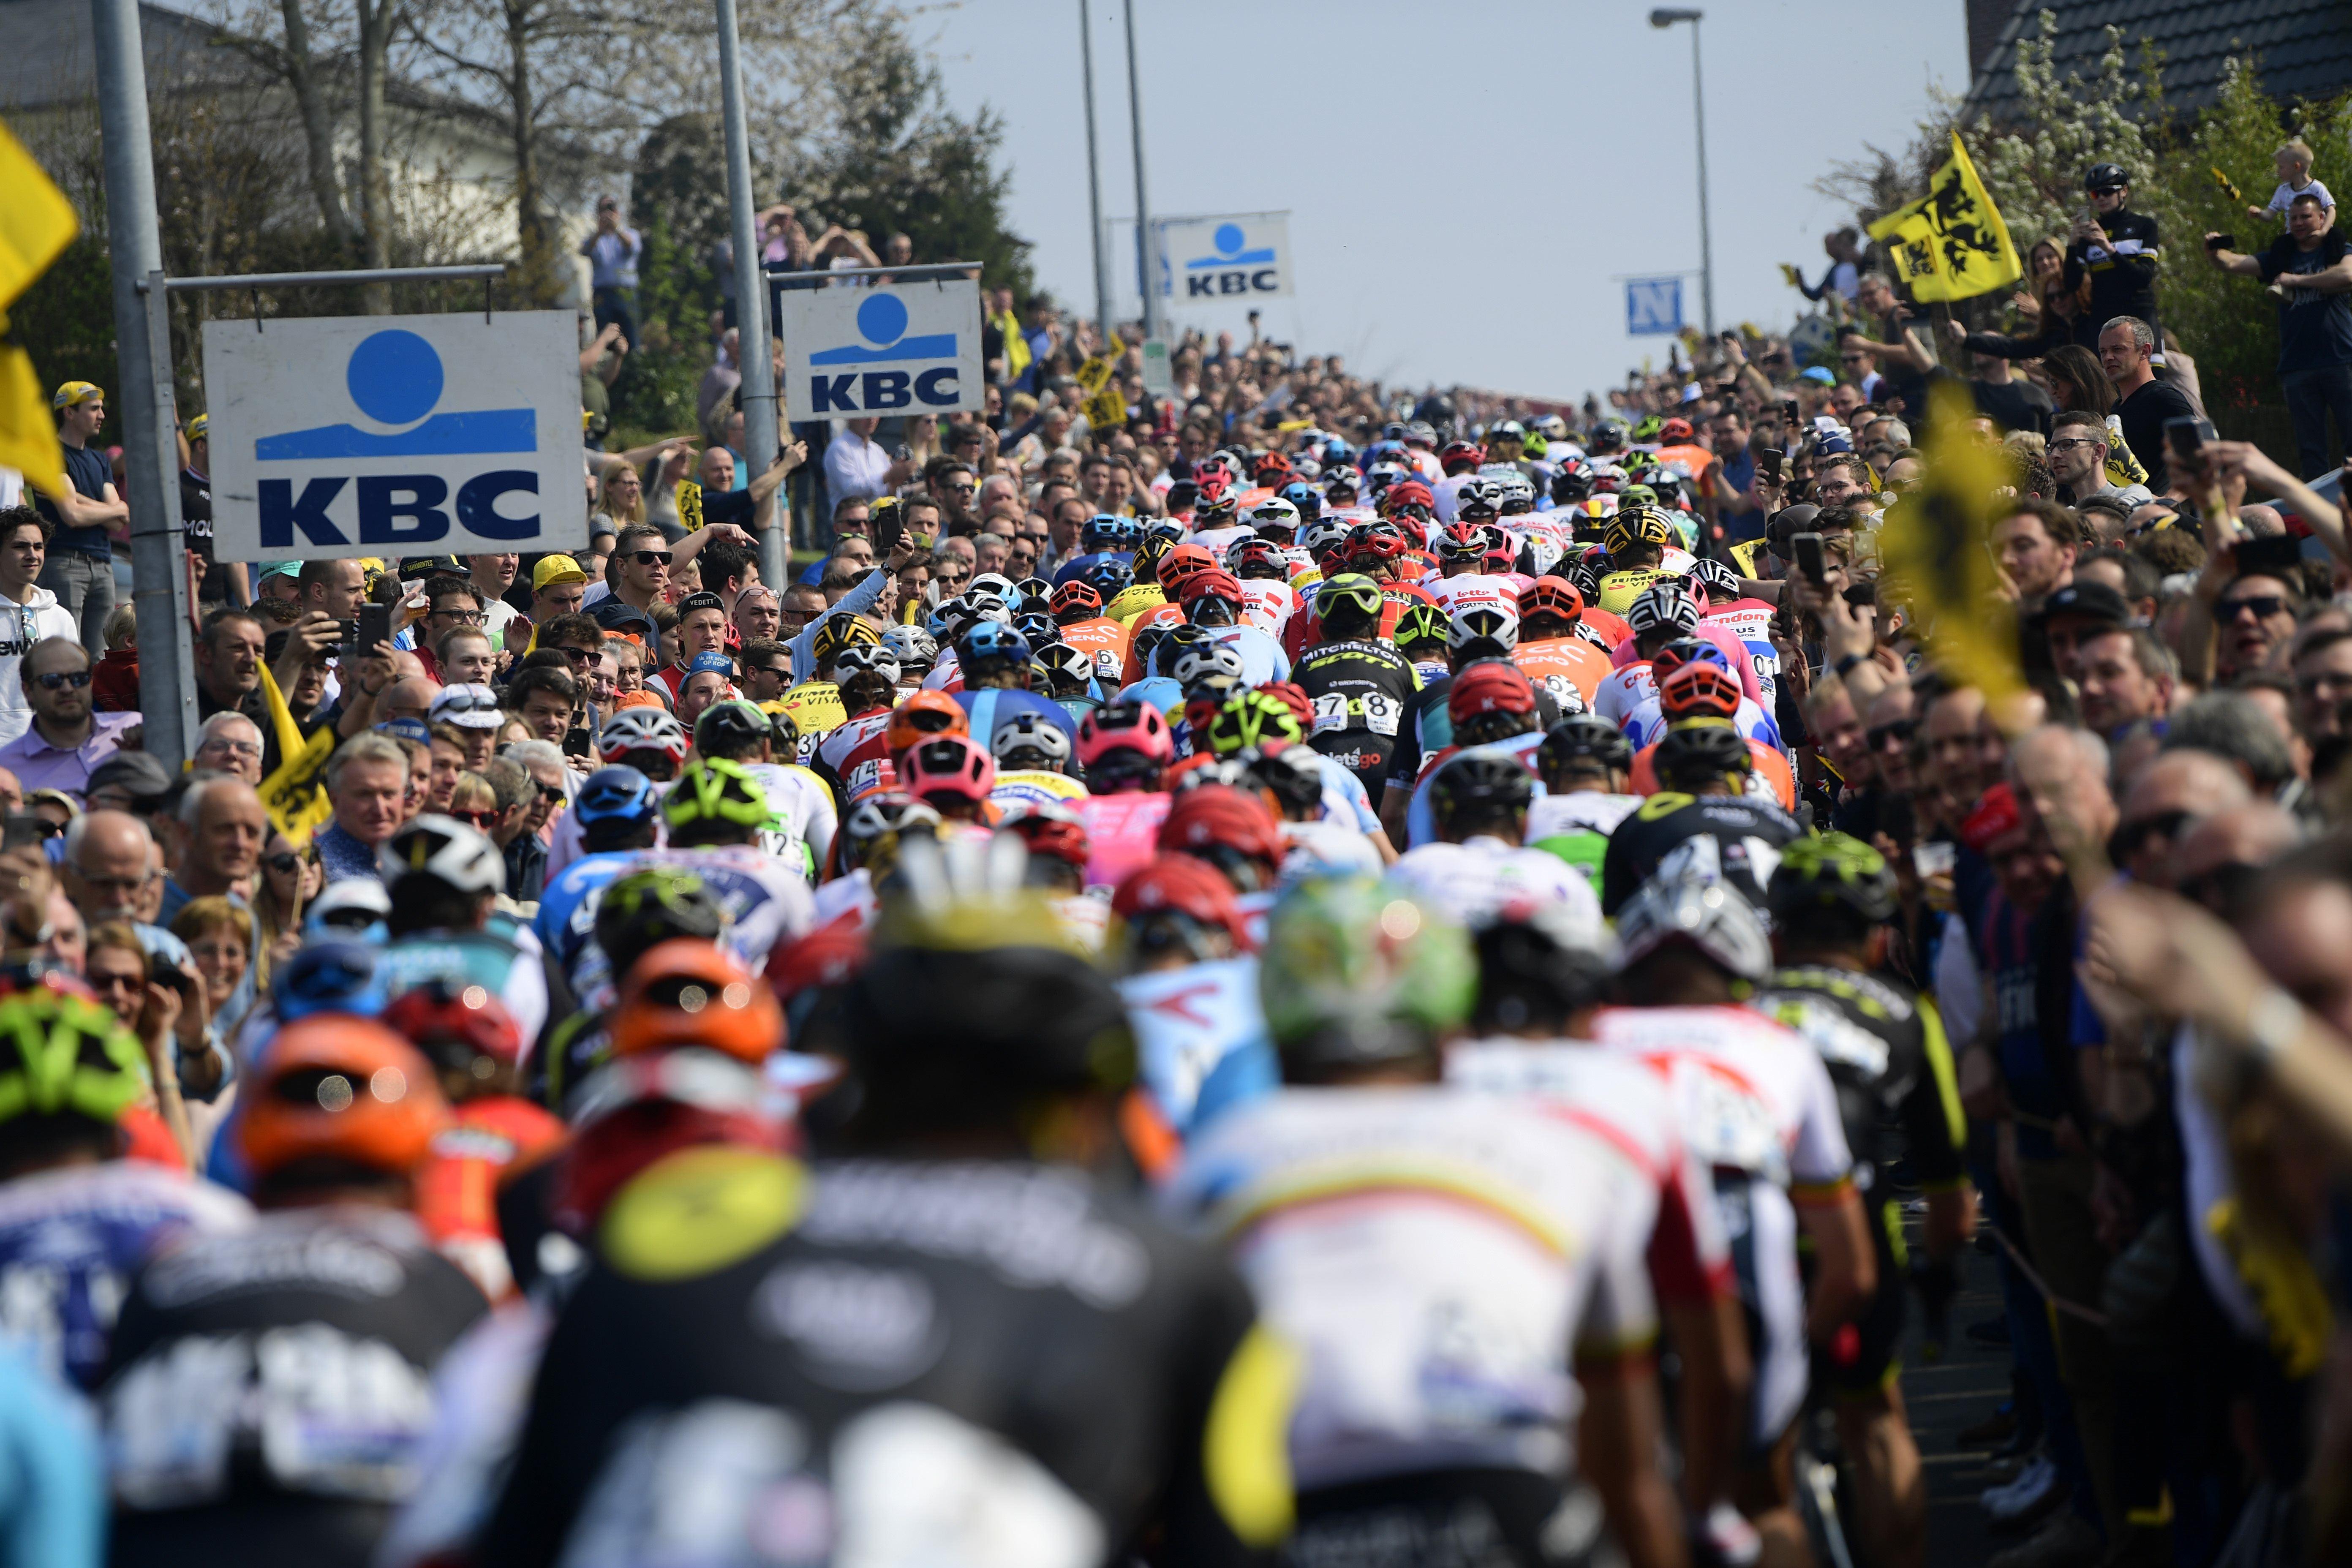 Cyclisme - Coronavirus: Le syndicat des cyclistes professionnels demande la reprise de l'entraînement